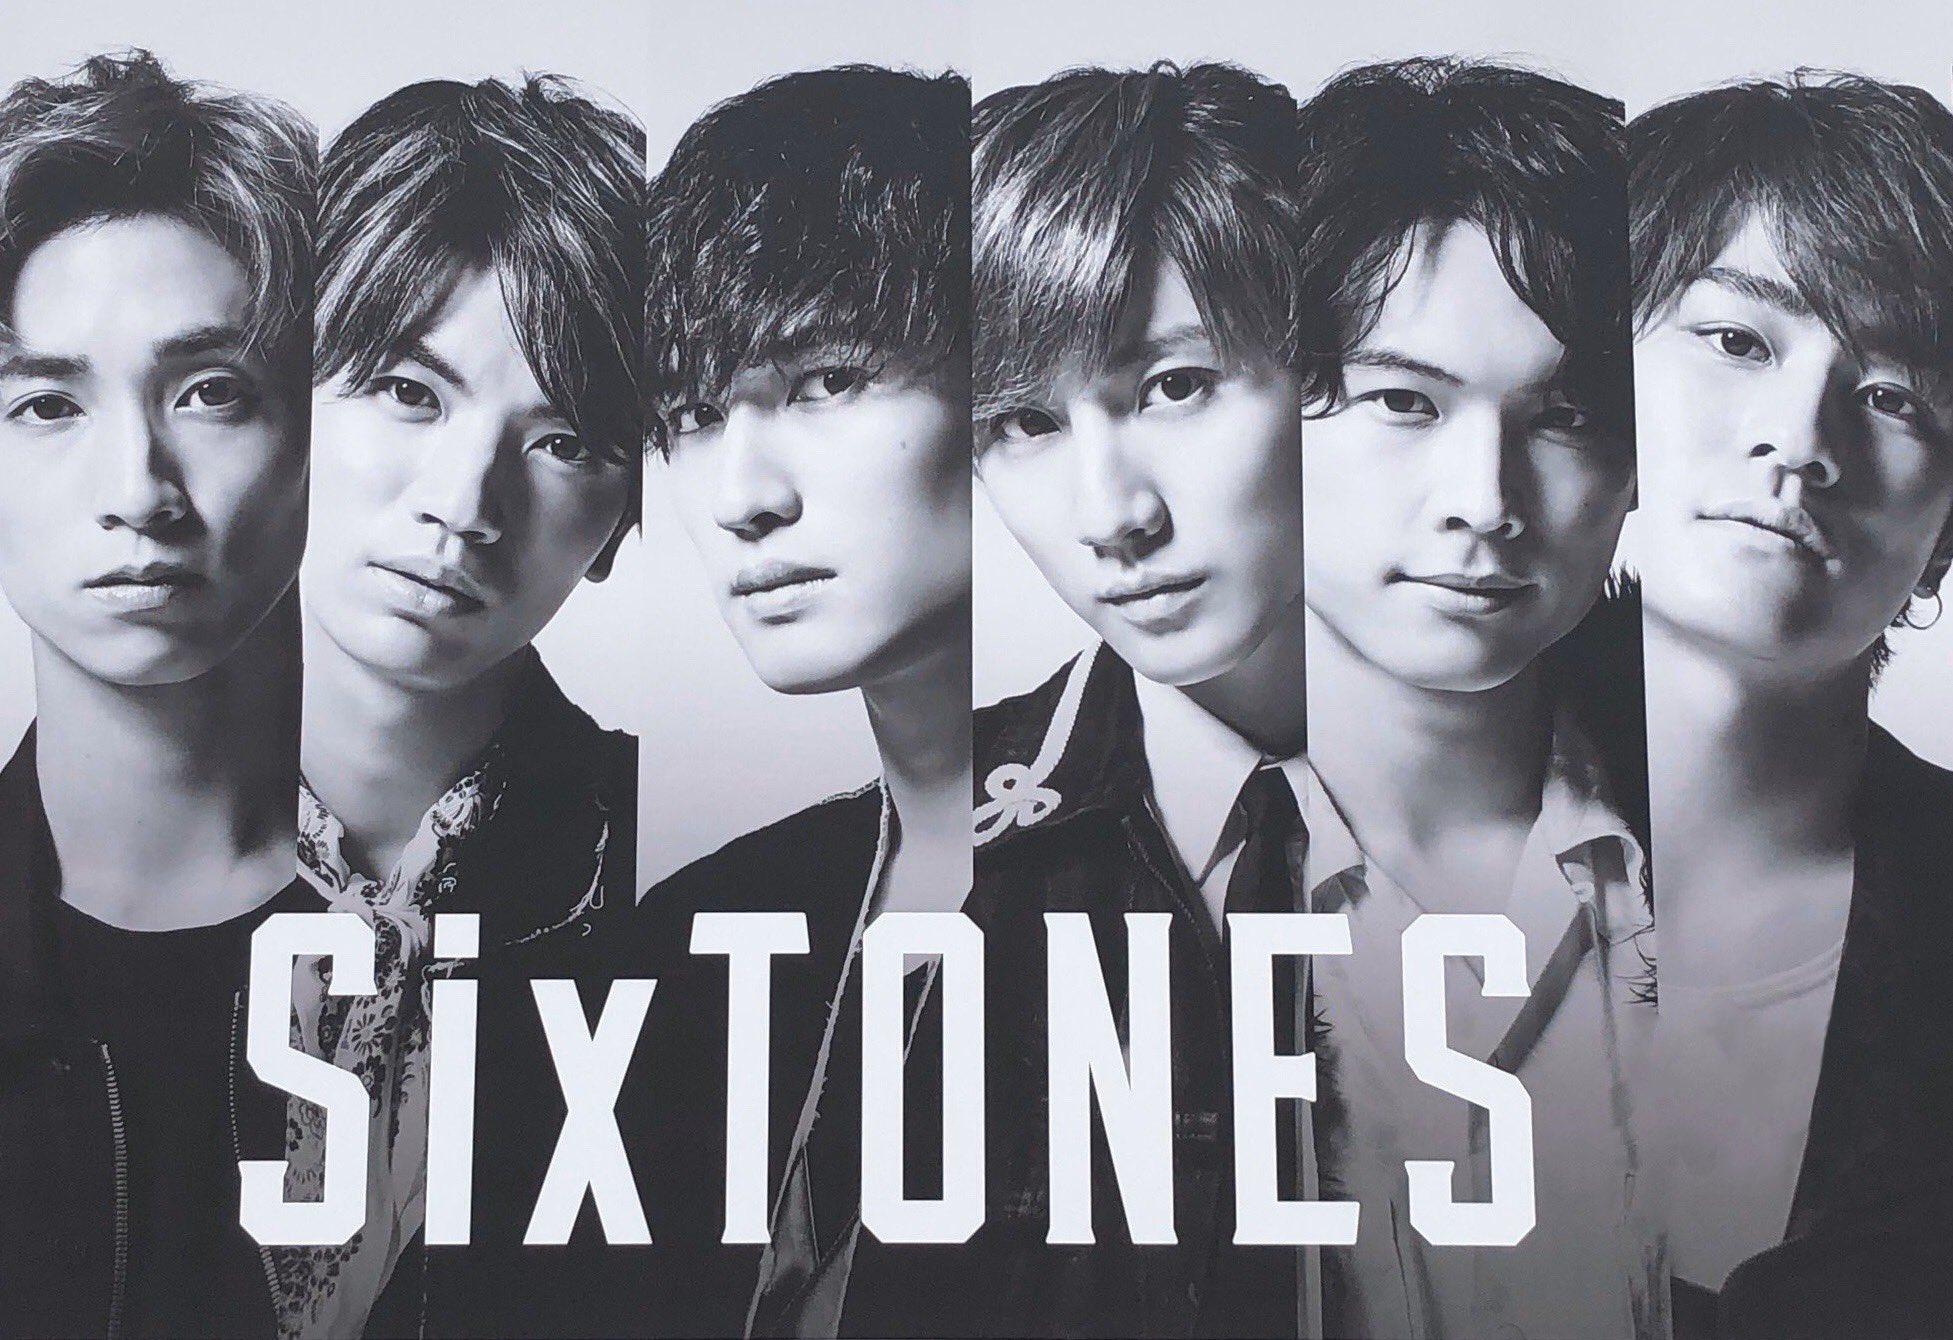 完全版 Sixtonesオリジナル曲名一覧 ジャニーズjr 時代の時系列ごと